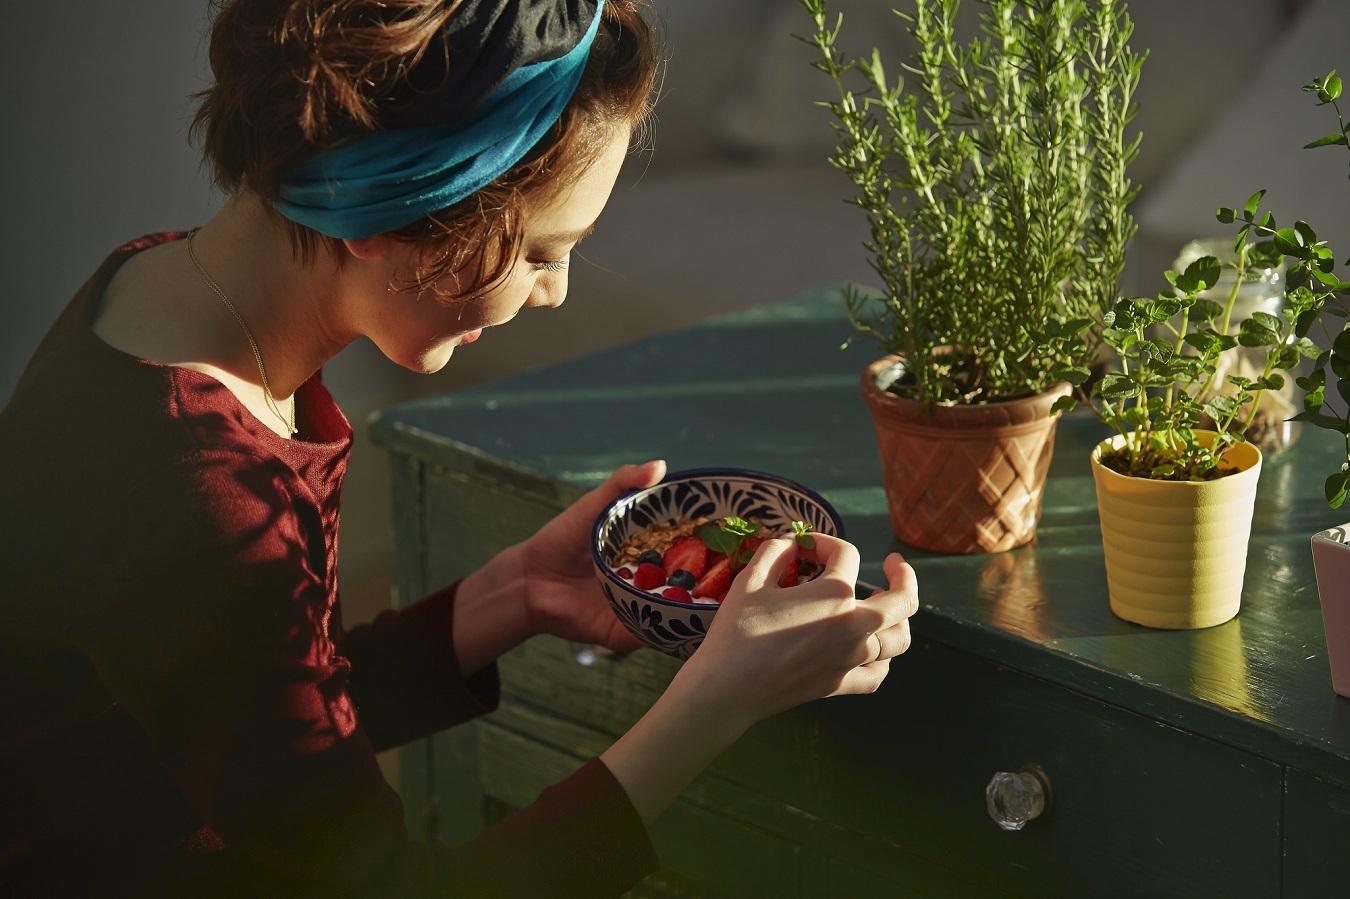 ベランダ菜園の楽しみ方。初心者向きの作物から変わり種まで